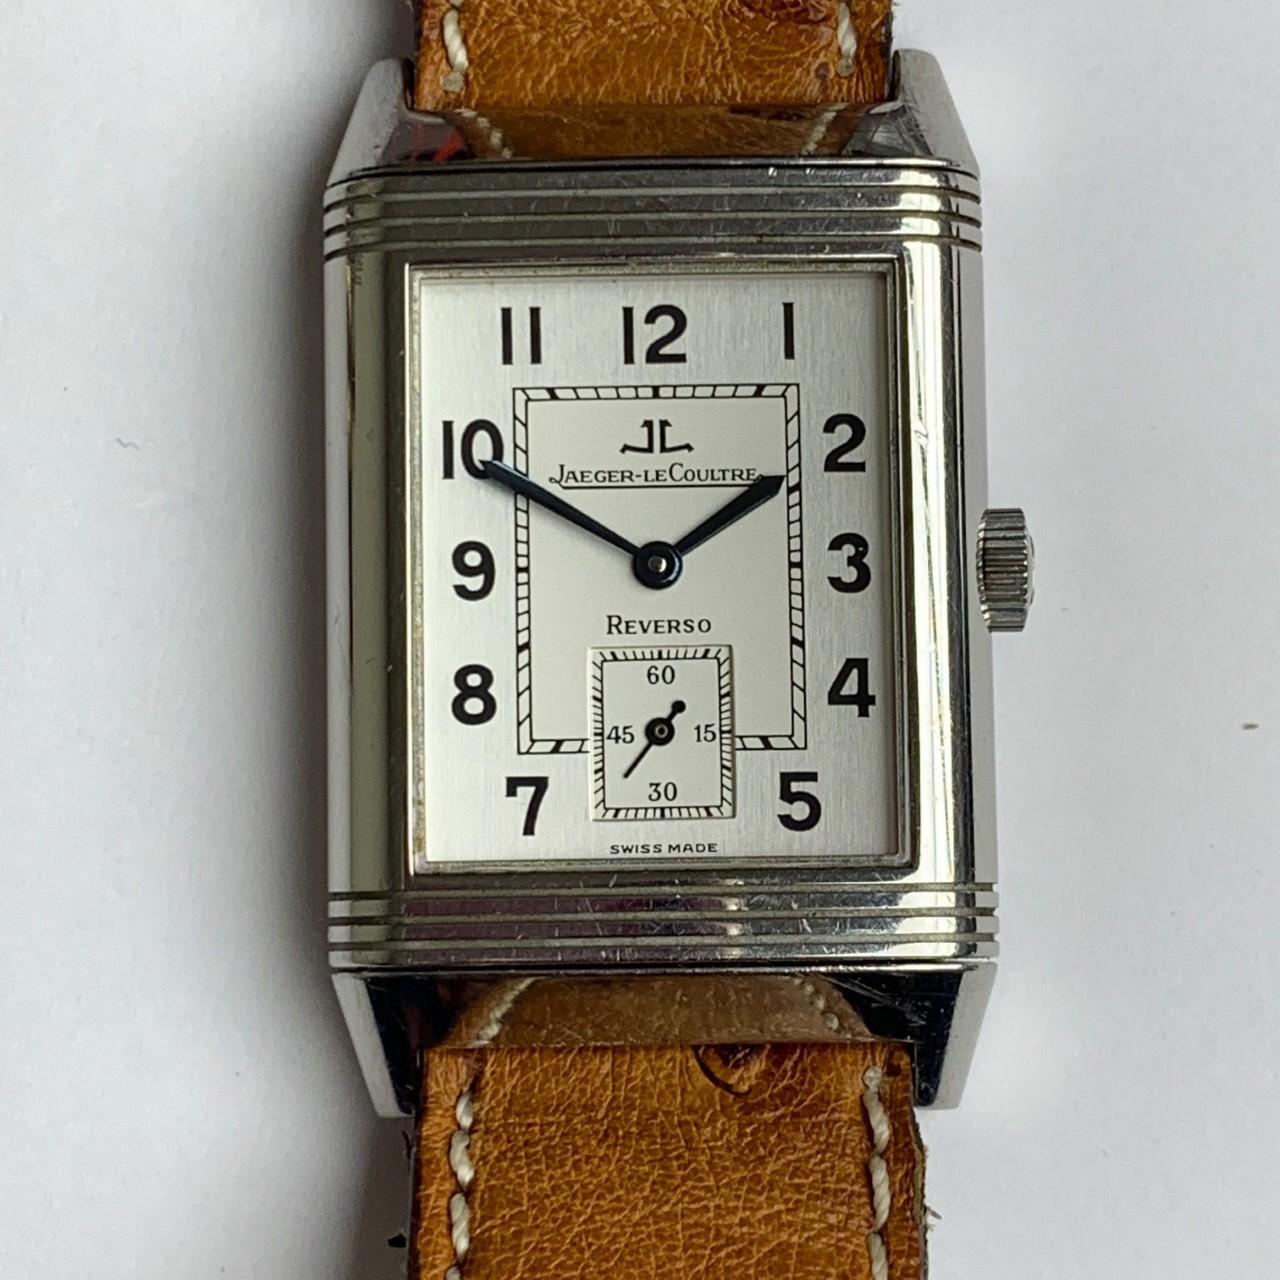 Vente Vente montres - Watch and pleasure Auction chez Valorum Art : 80 lots